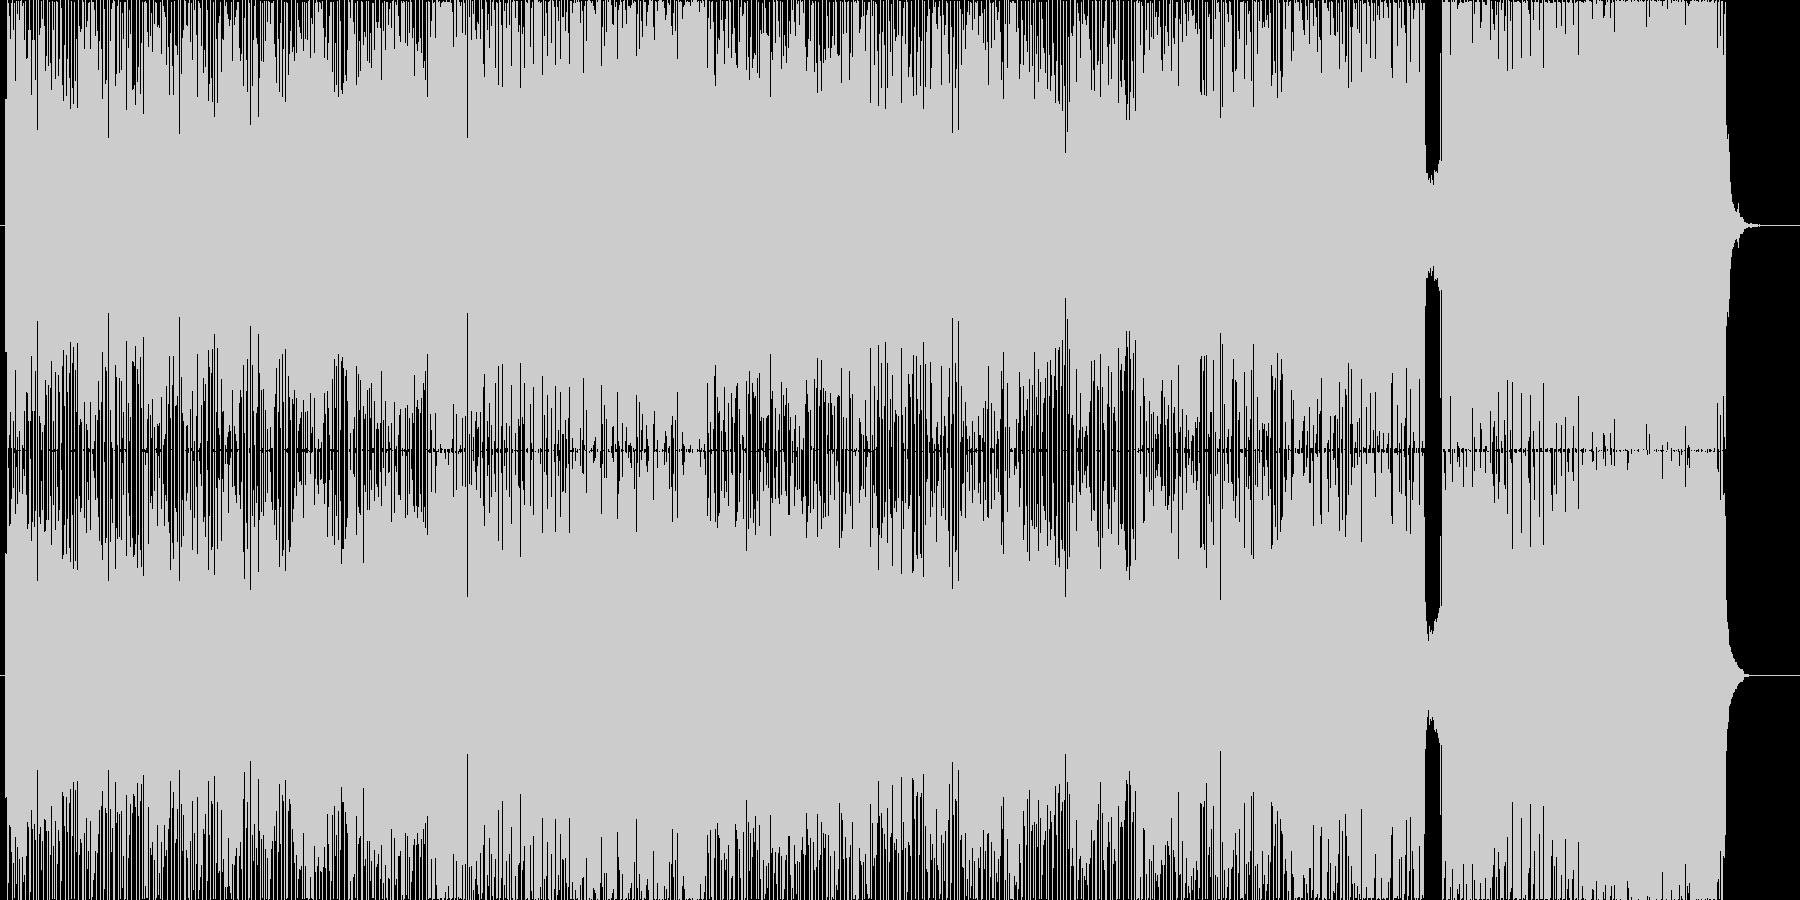 被験者Jの未再生の波形